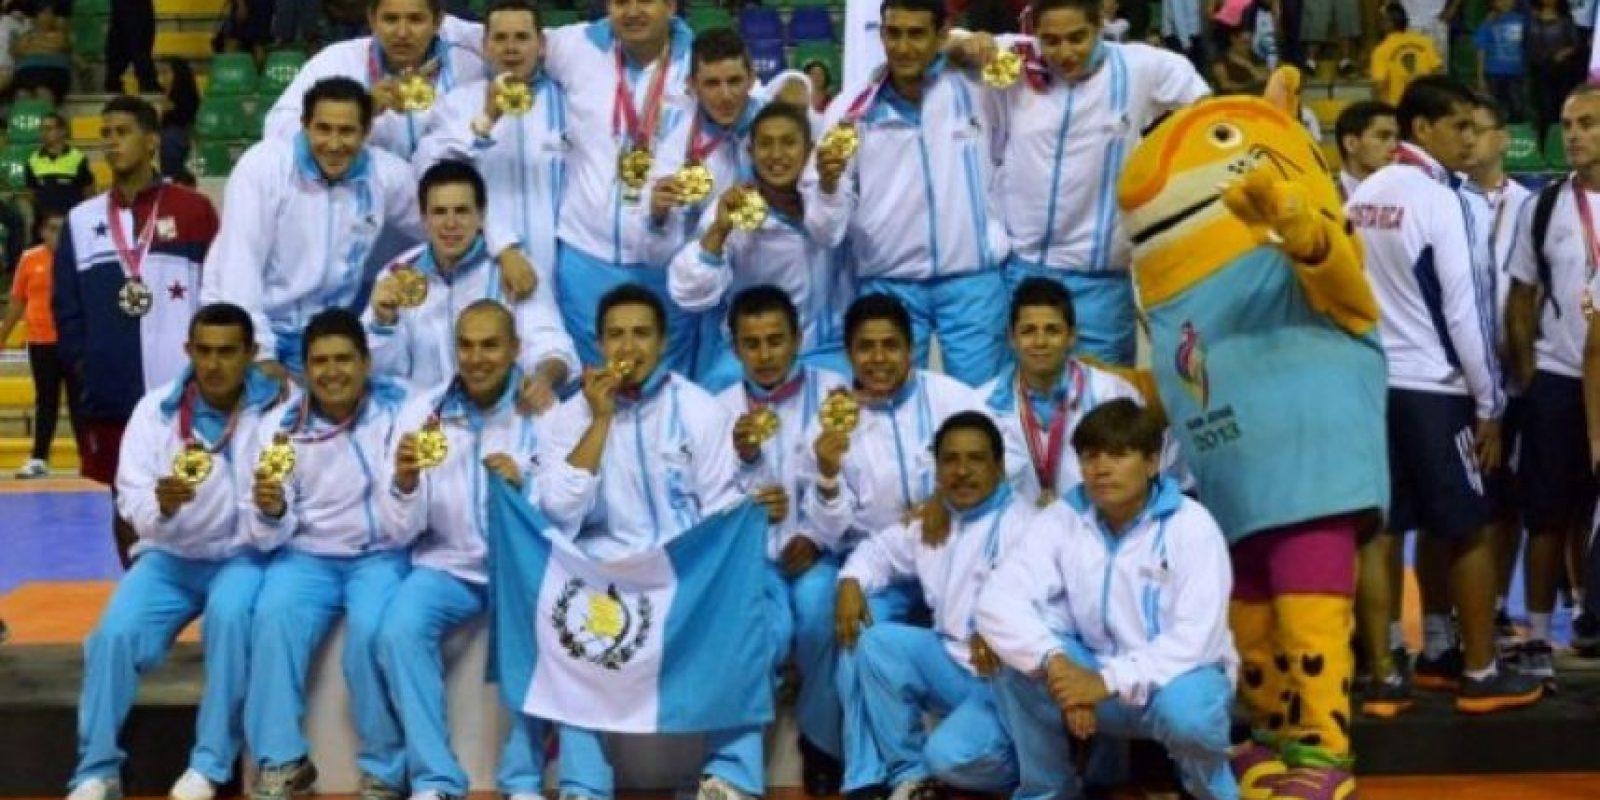 Los campeones se cuelgan el oro. Foto:Mynor Arita, enviado especial